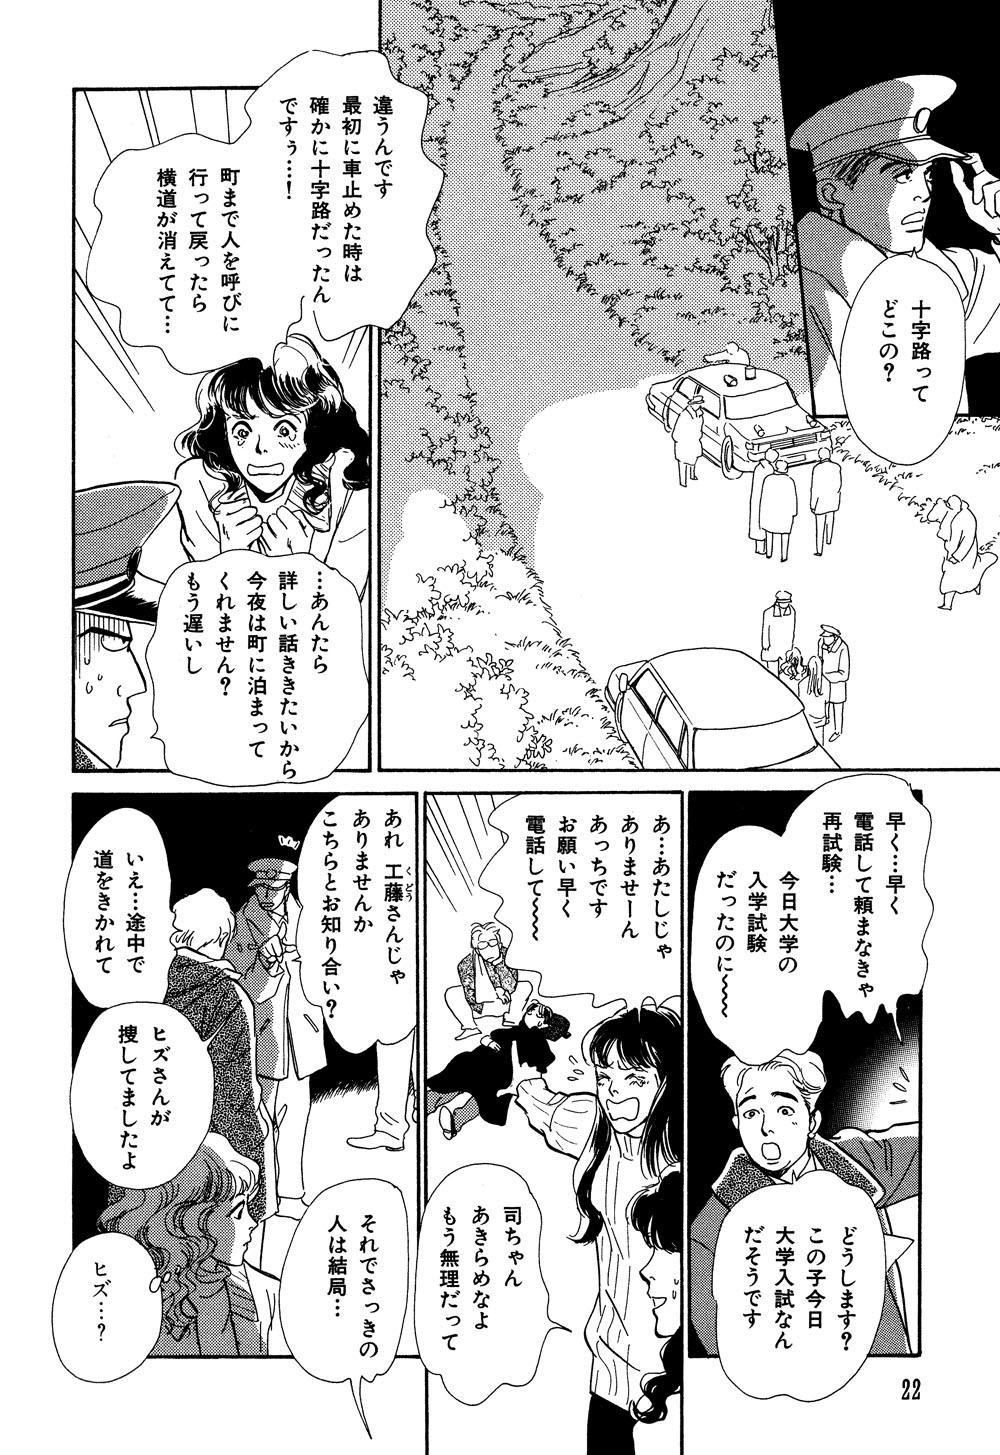 百鬼夜行抄_07_0026.jpg